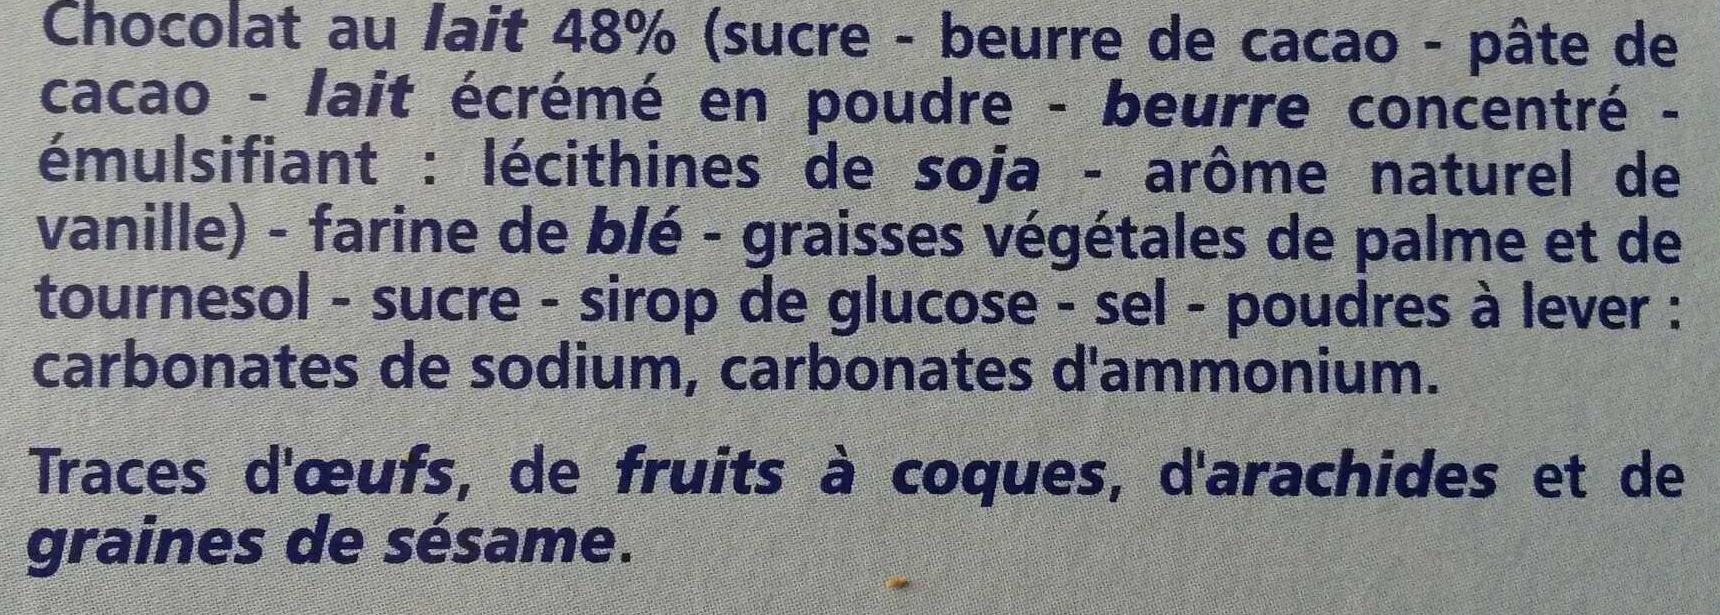 Fusetti au chocolat au lait - Ingrédients - fr